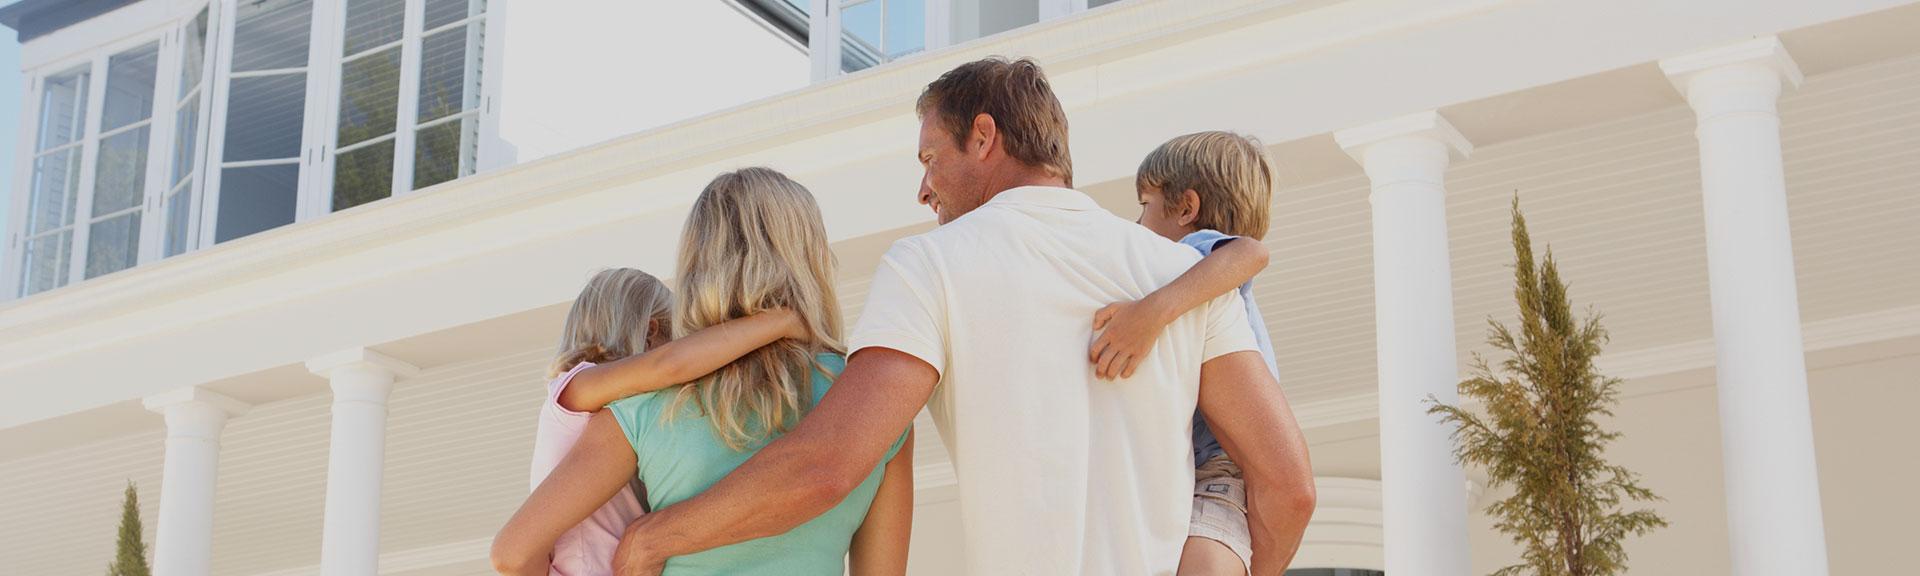 Immobilienmakler In Bottrop immobilienmakler bottrop erbin pier immobilien